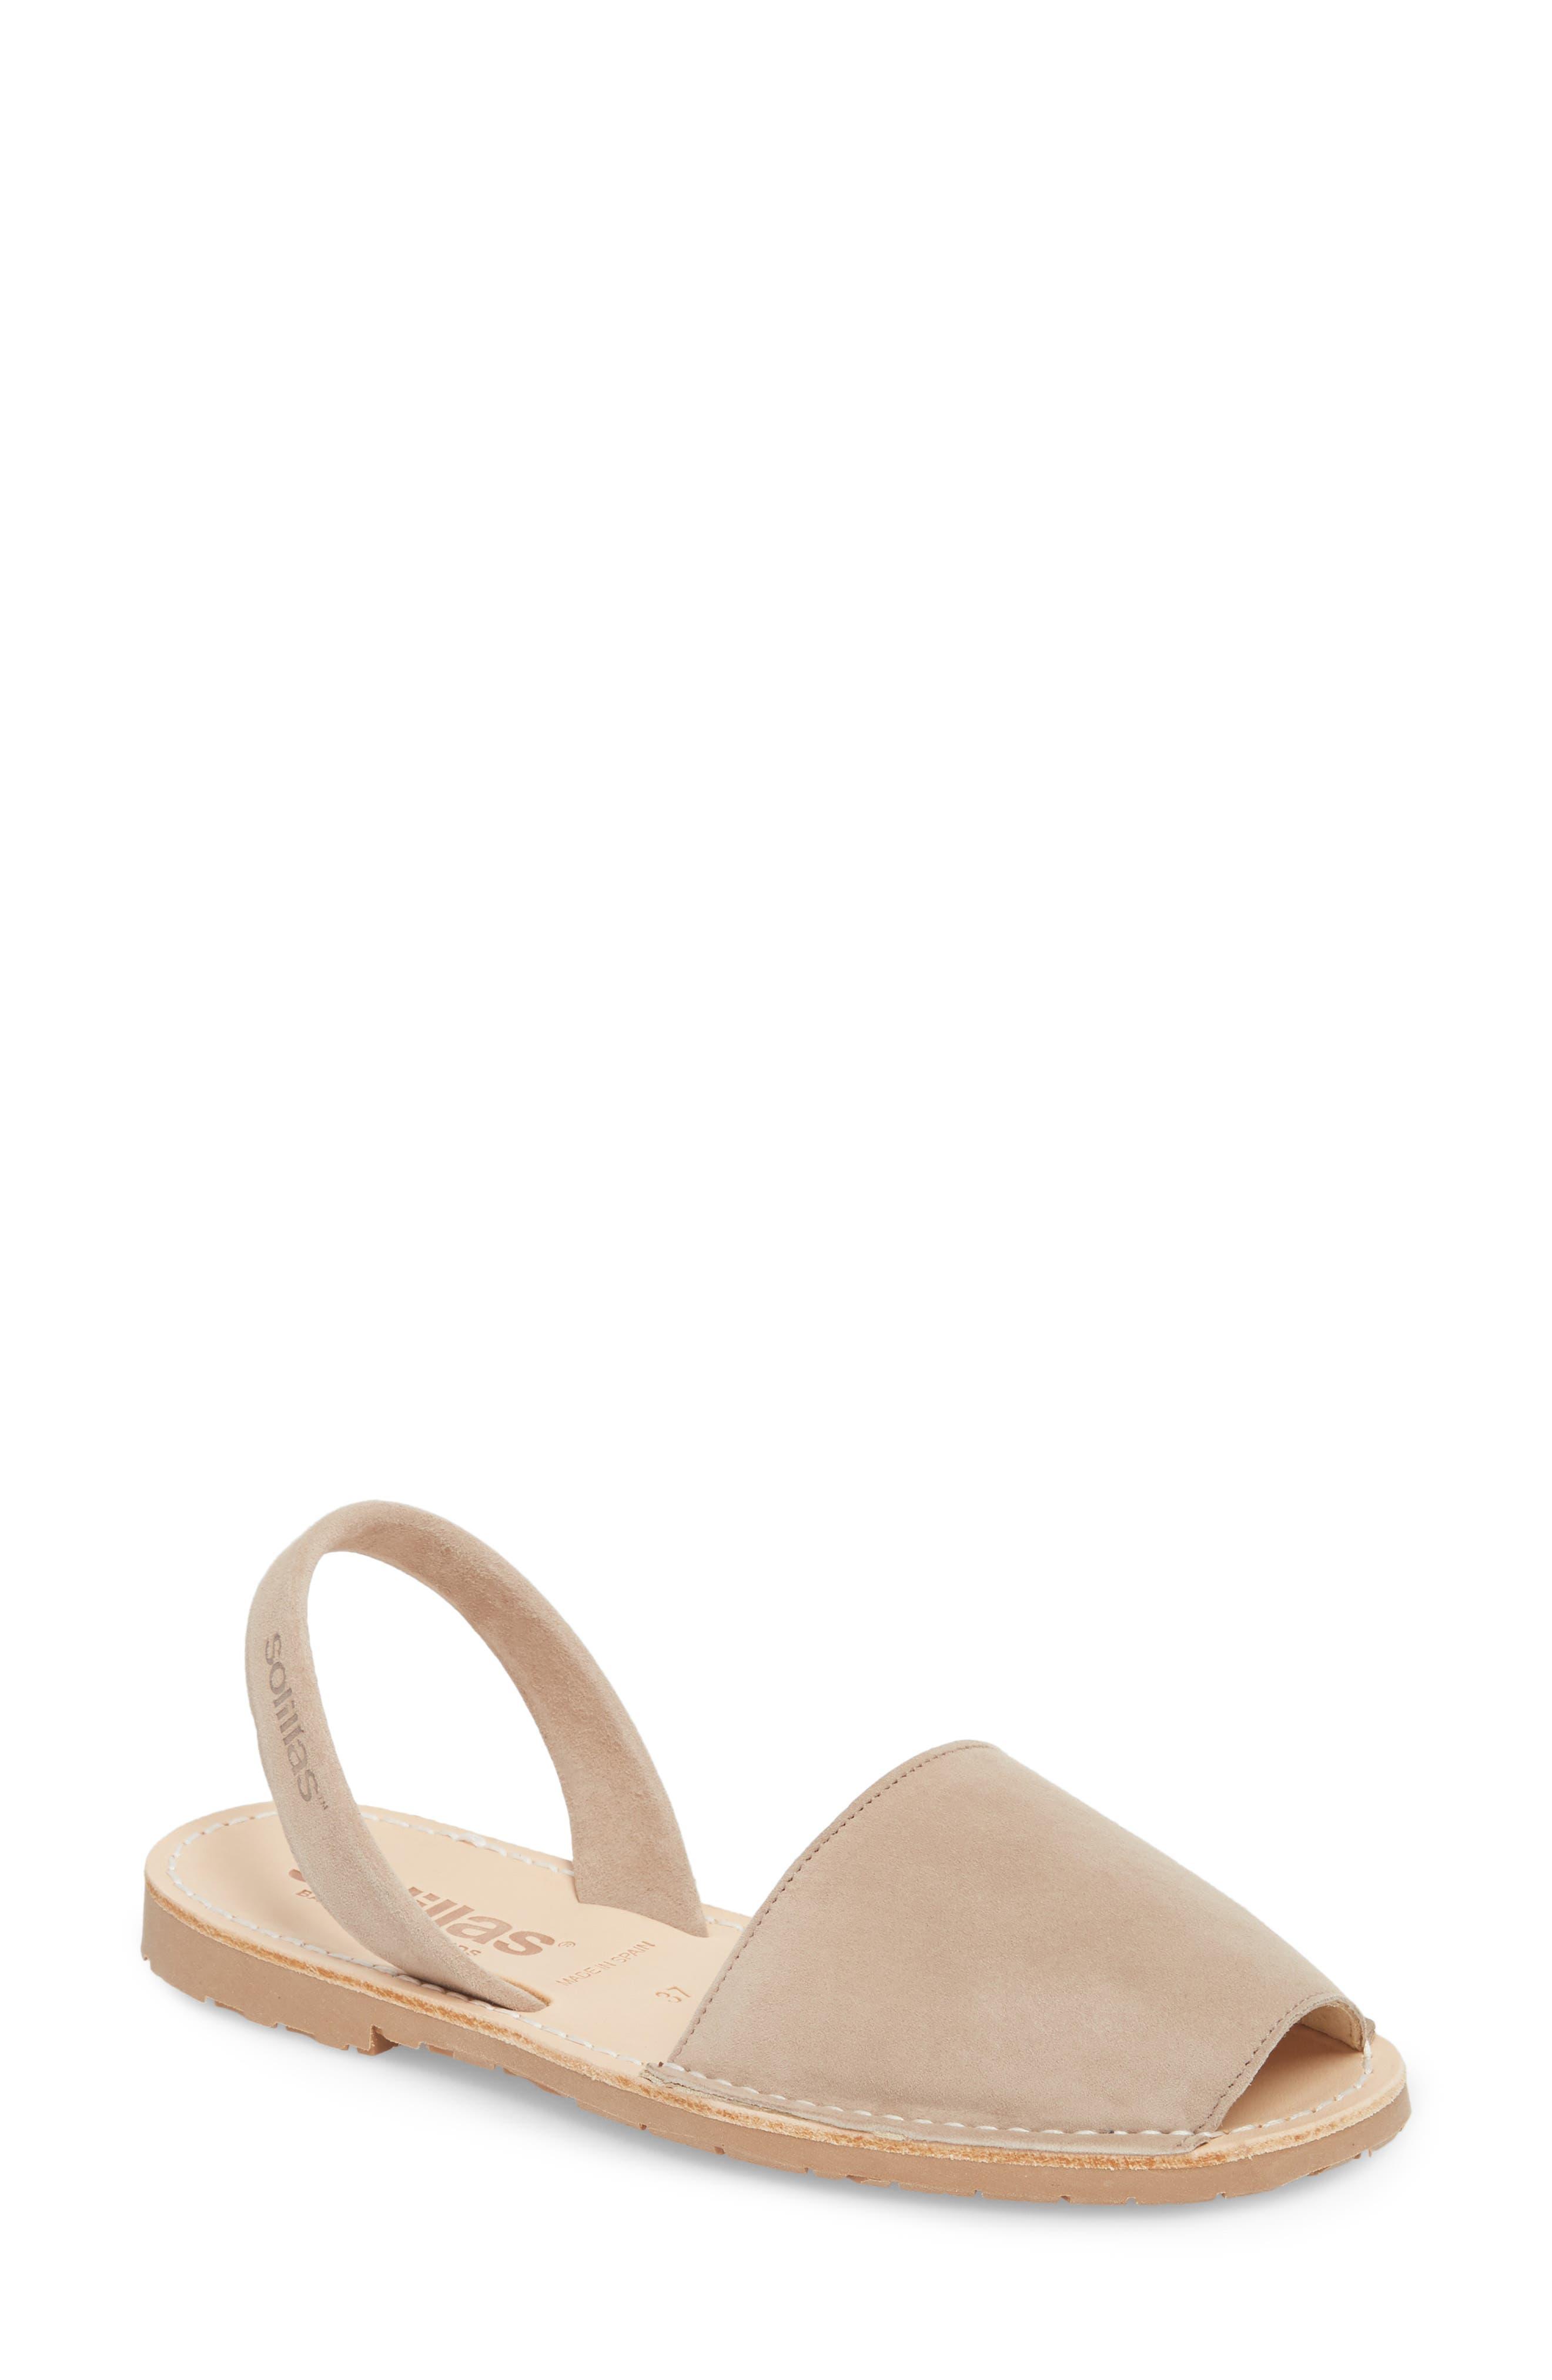 Flat Sandal,                             Main thumbnail 1, color,                             TAUPE